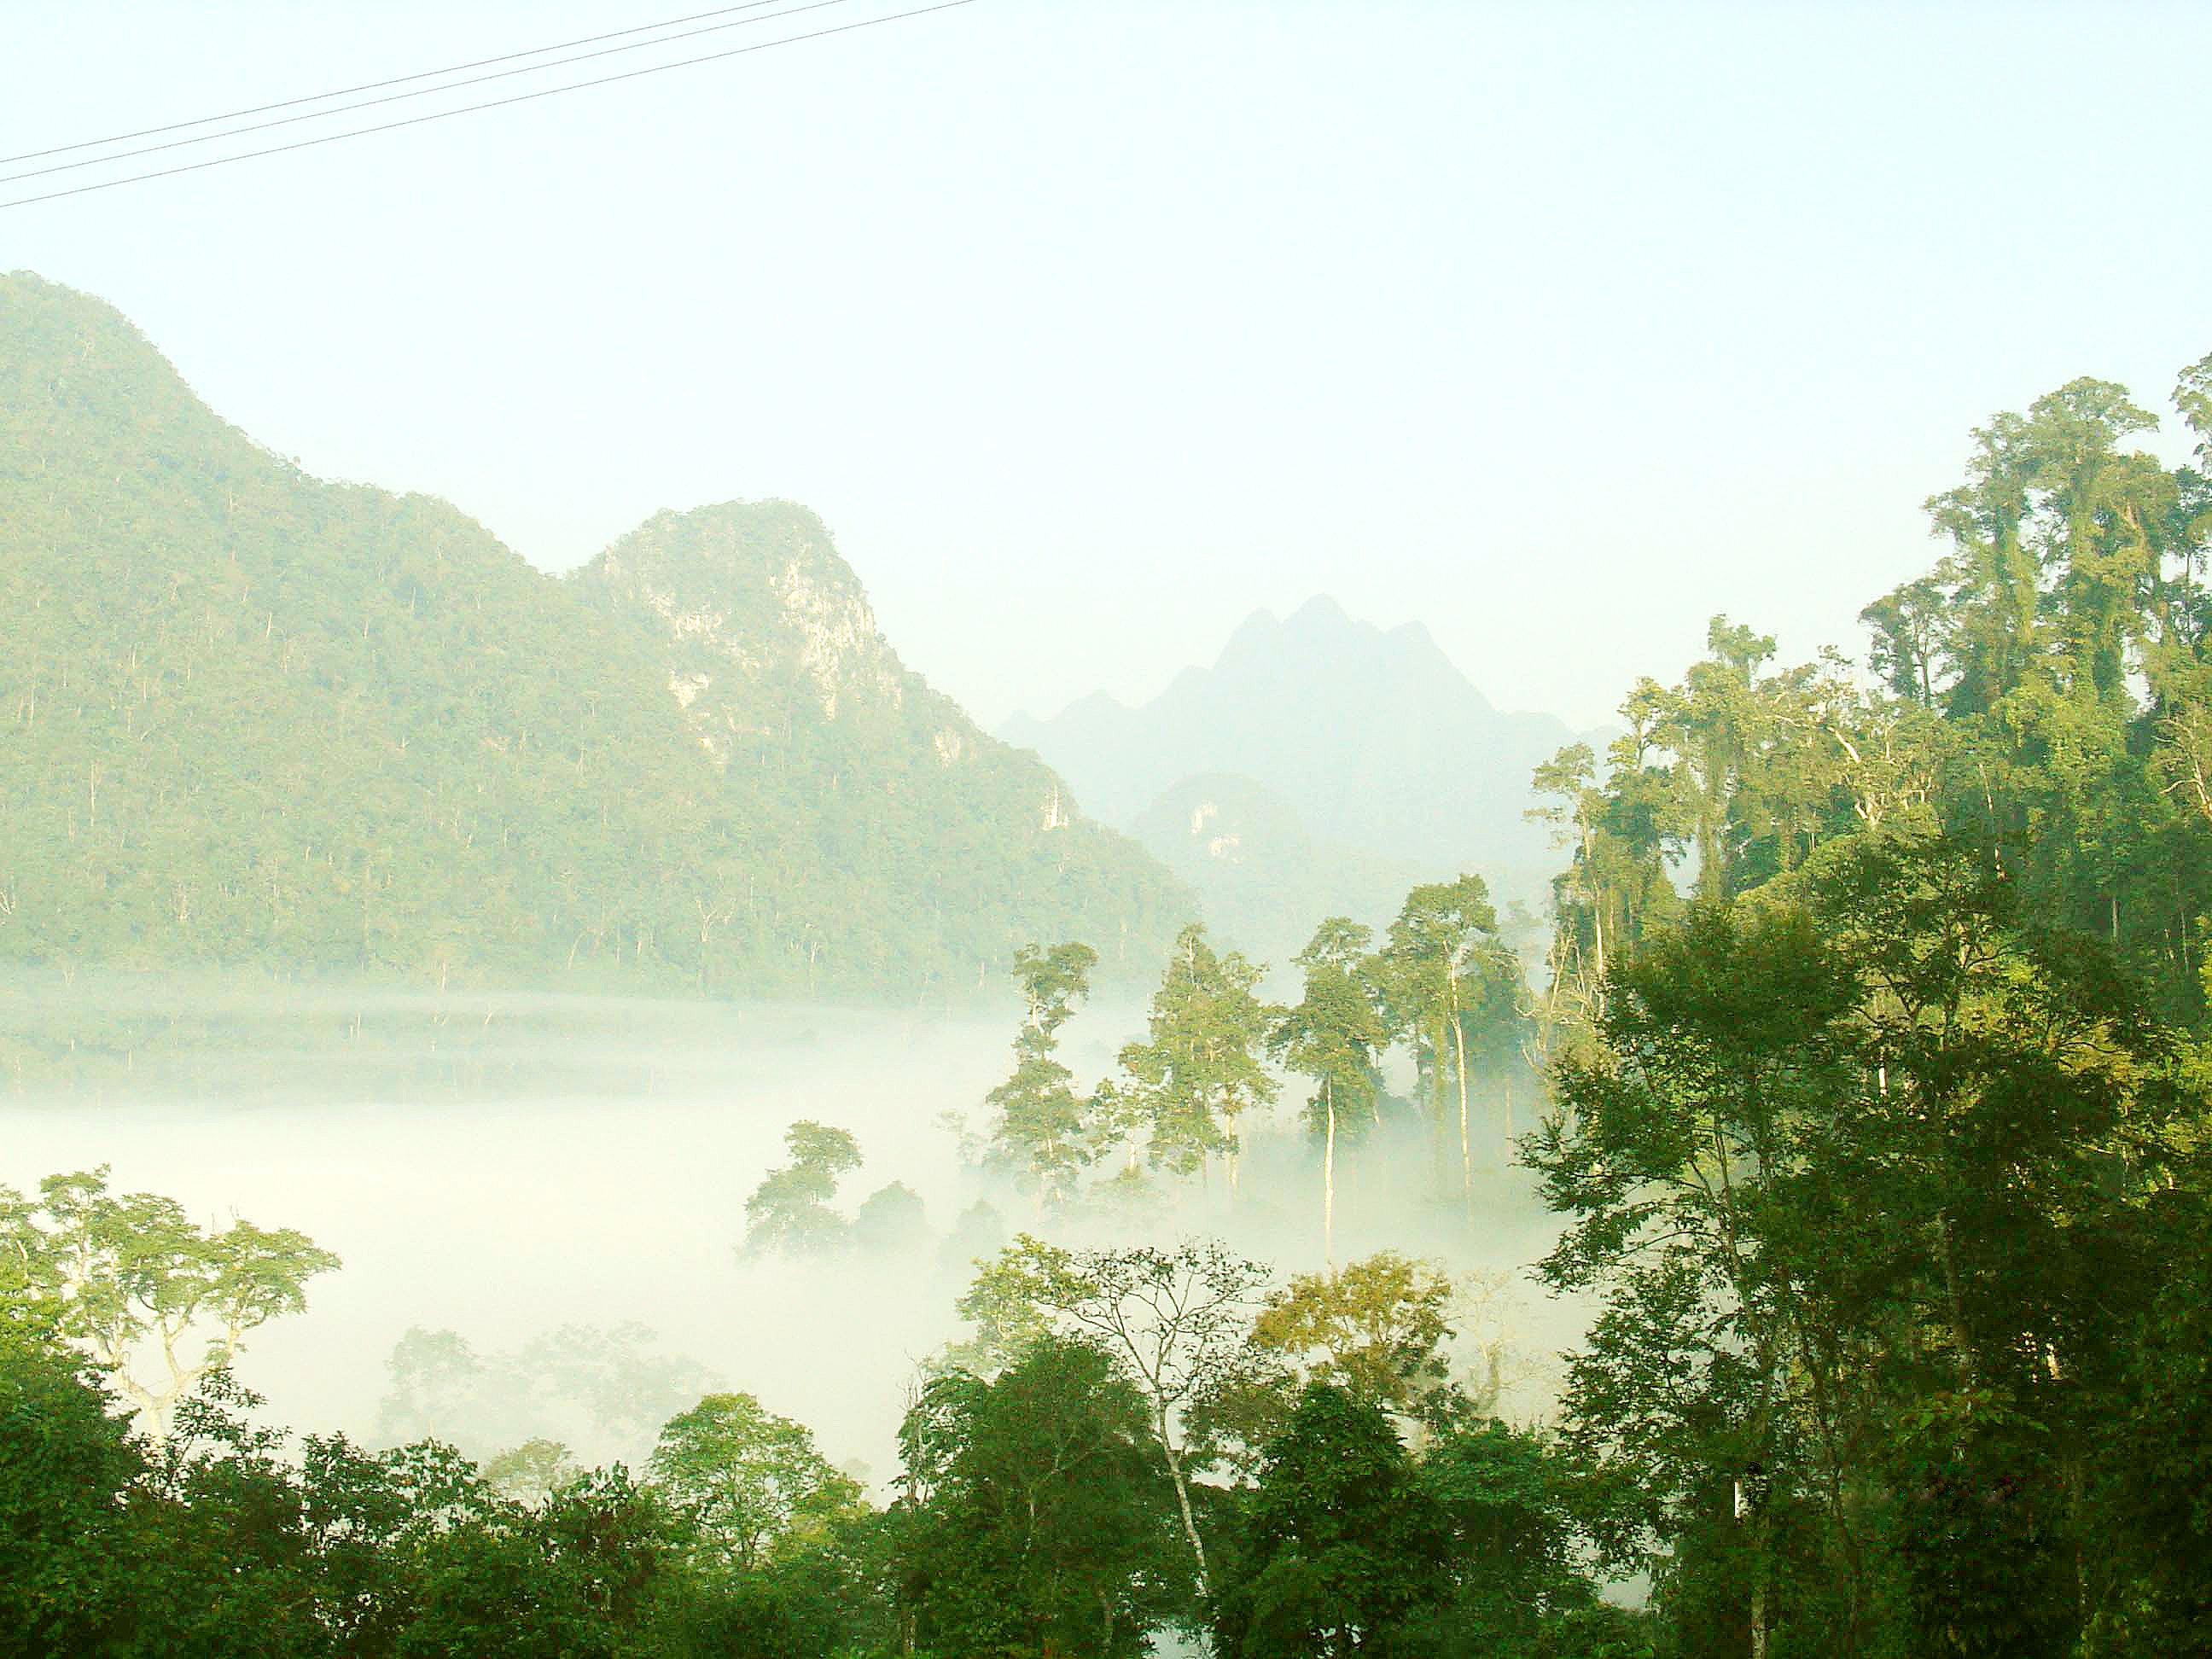 Biển mây trập trùng ở vườn quốc gia Xuân Sơn